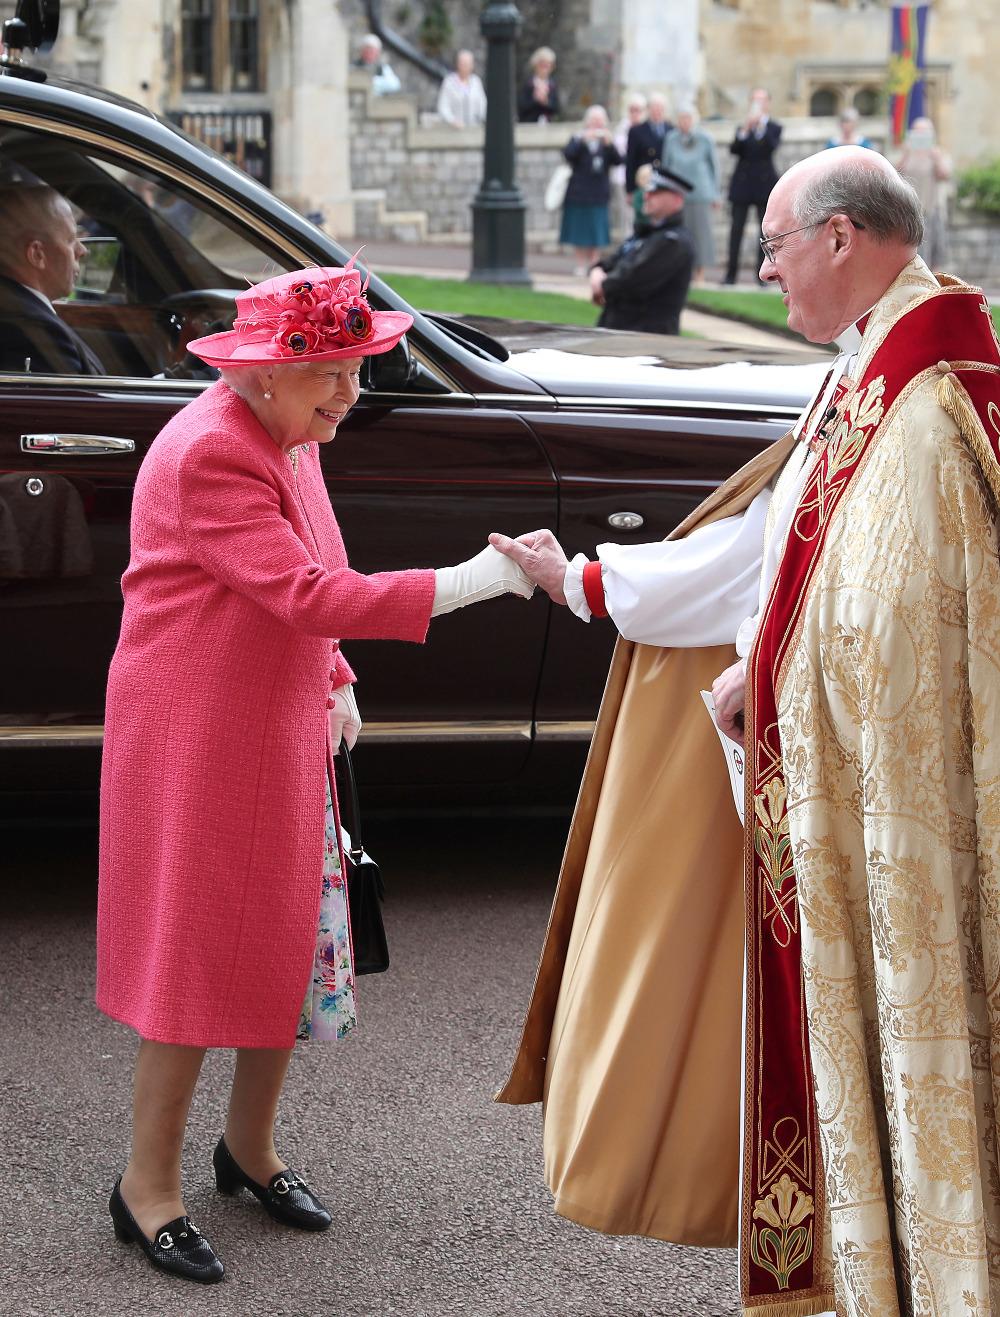 Η βασίλισσα Ελισάβετ με φούξια παλτό και φλοράλ φόρεμα